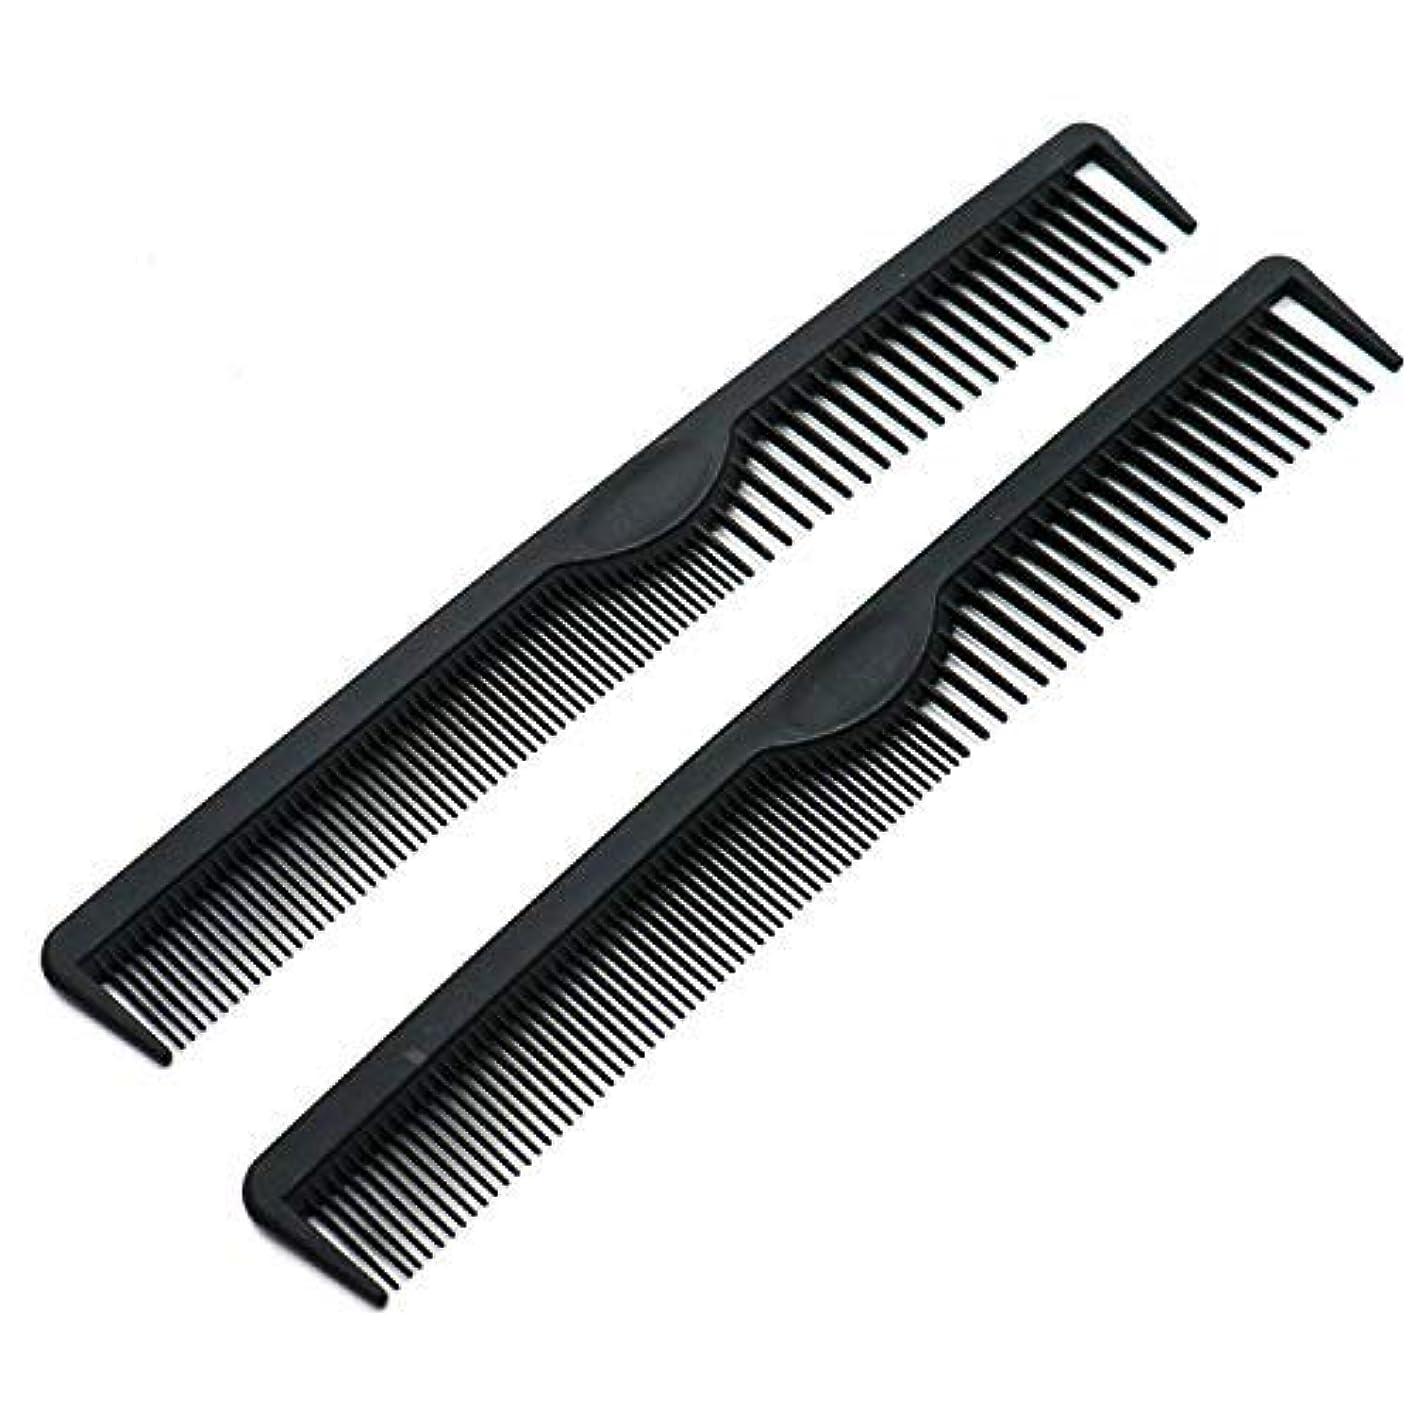 第五剣ブラウスIDS Combs 2 PCS Black Carbon Fiber Hair Combs with Fine Cutting Comb for Women and Man [並行輸入品]